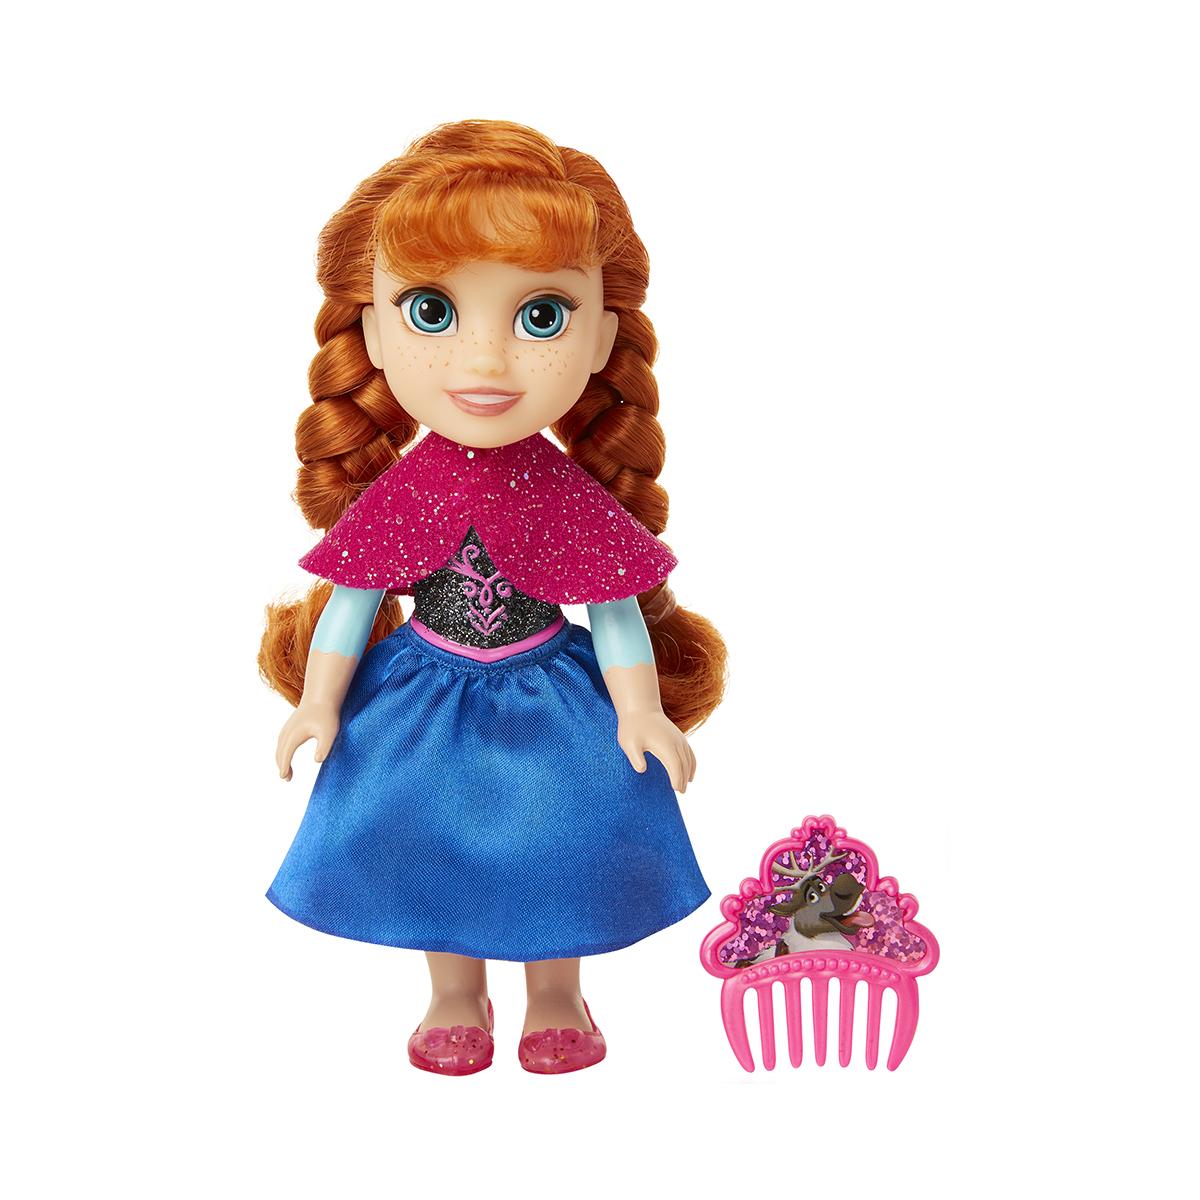 Papusa cu pieptan Disney Frozen 2, Anna